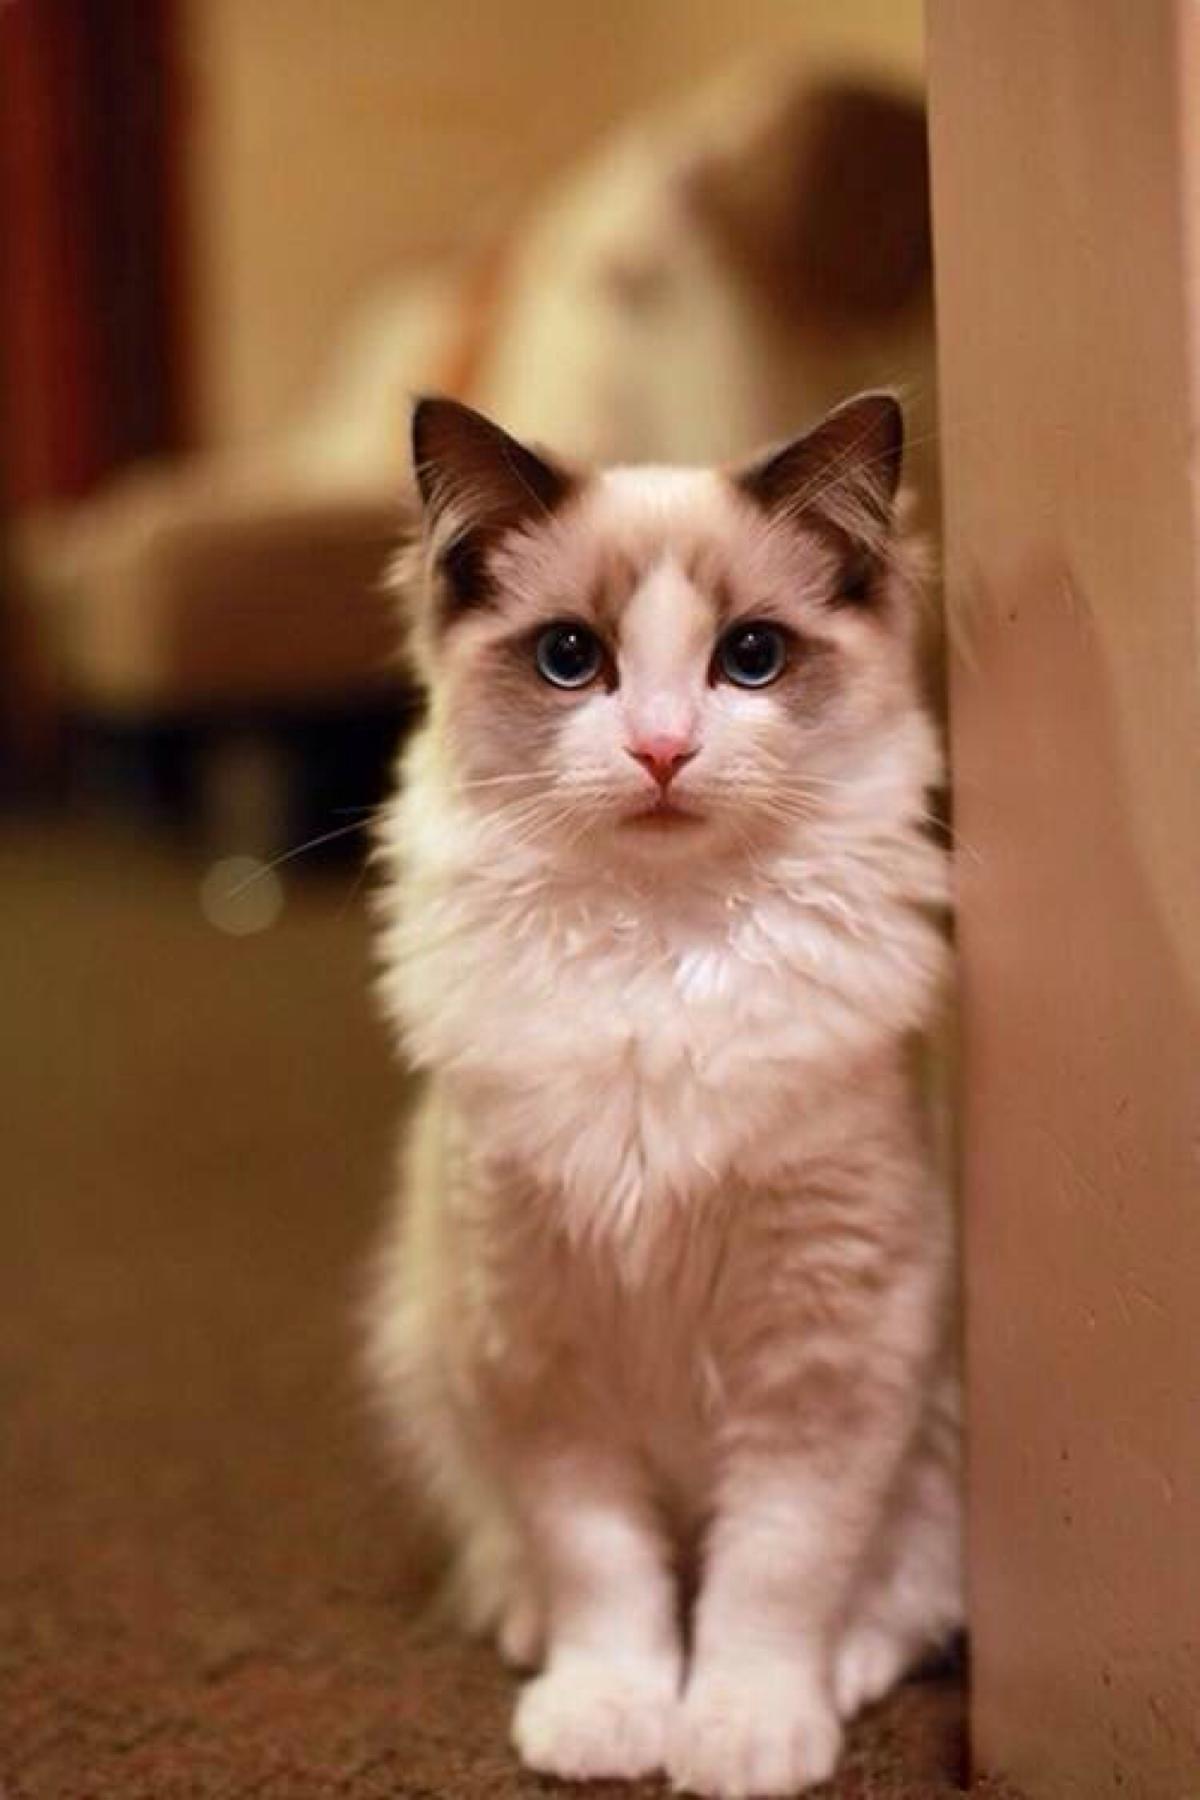 公猫绝育后应该注意什么图片